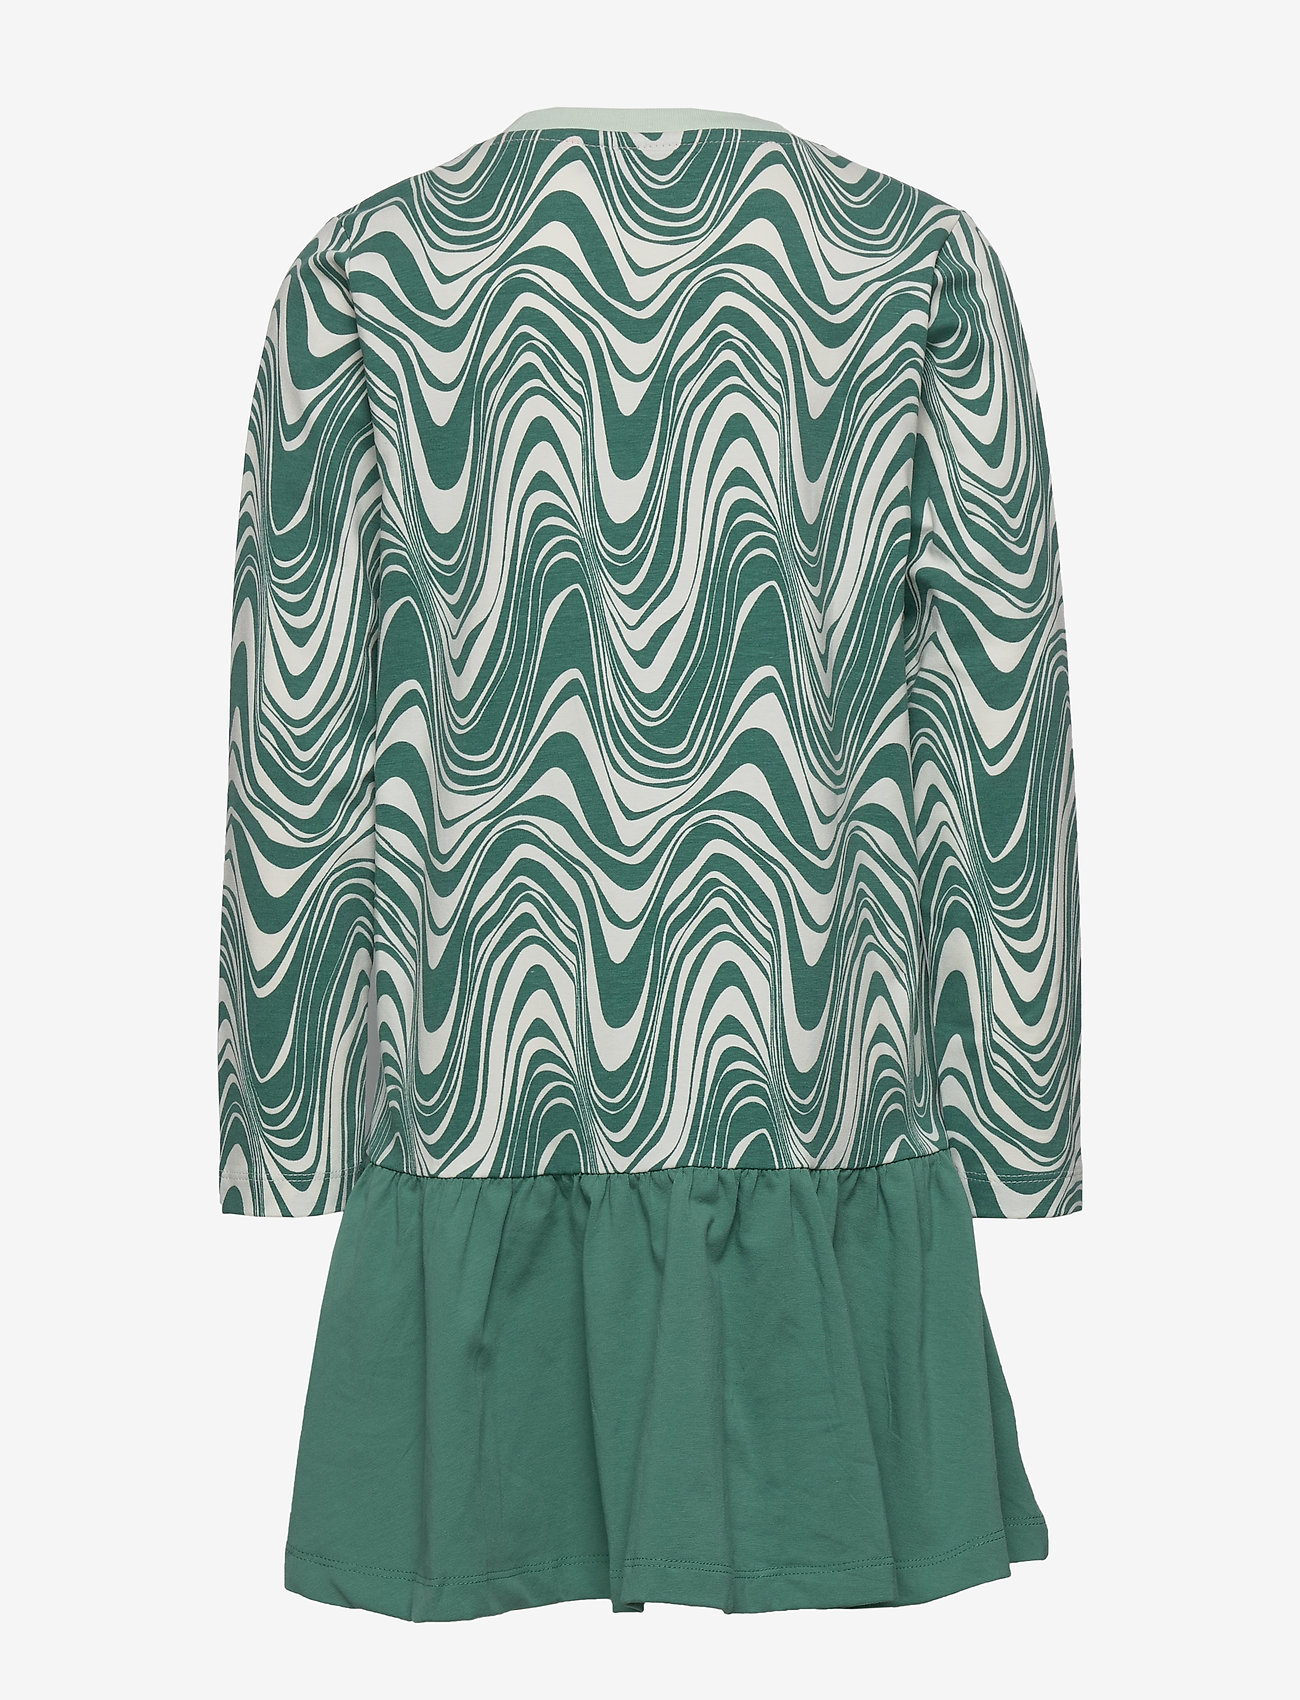 Hummel - hmlSOFIA DRESS L/S - robes - oil blue - 1